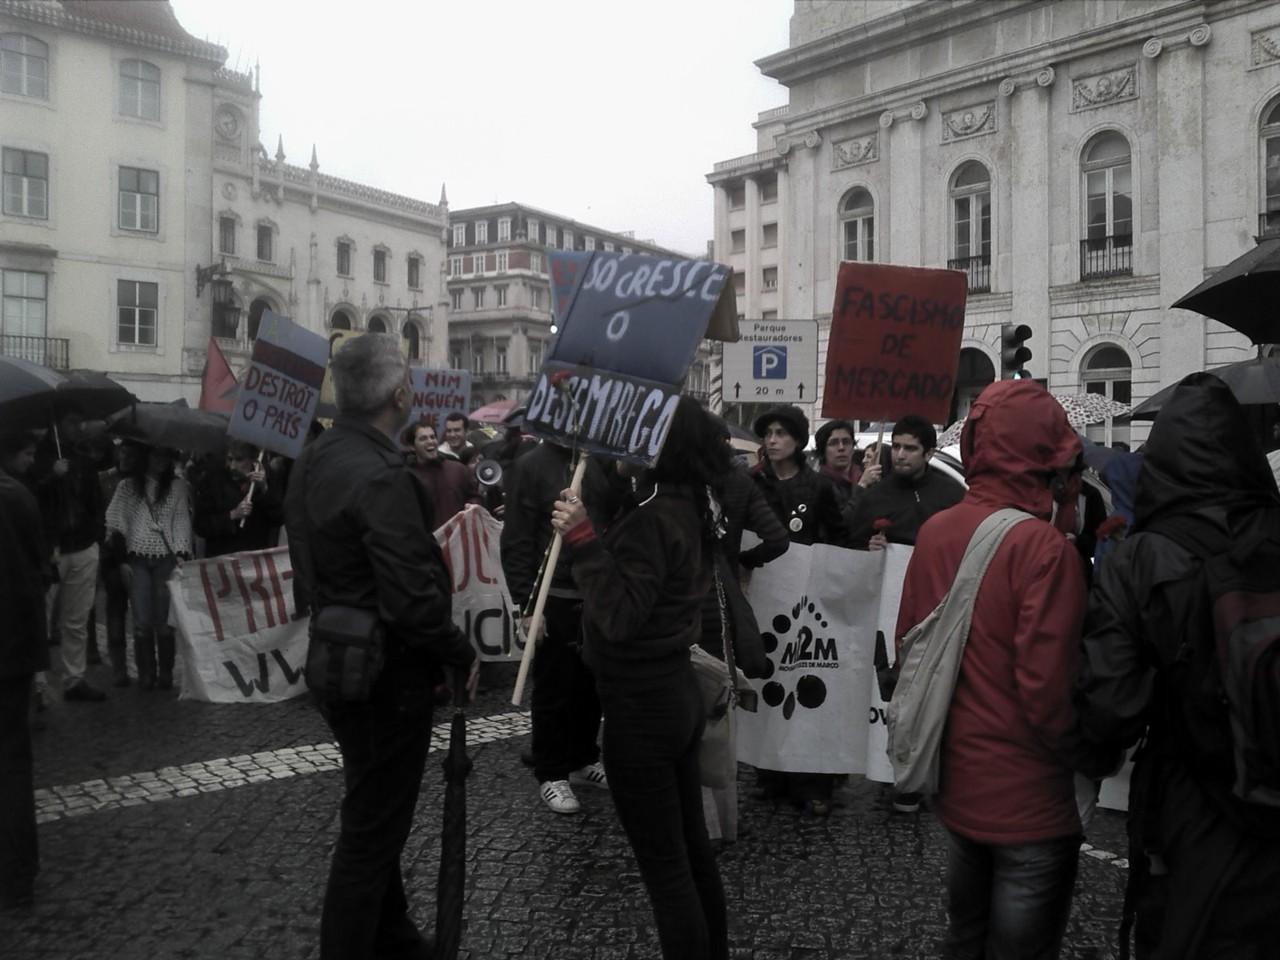 Manifestantes encharcados, no fim curto mas chuvoso passeio avenida a baixo.